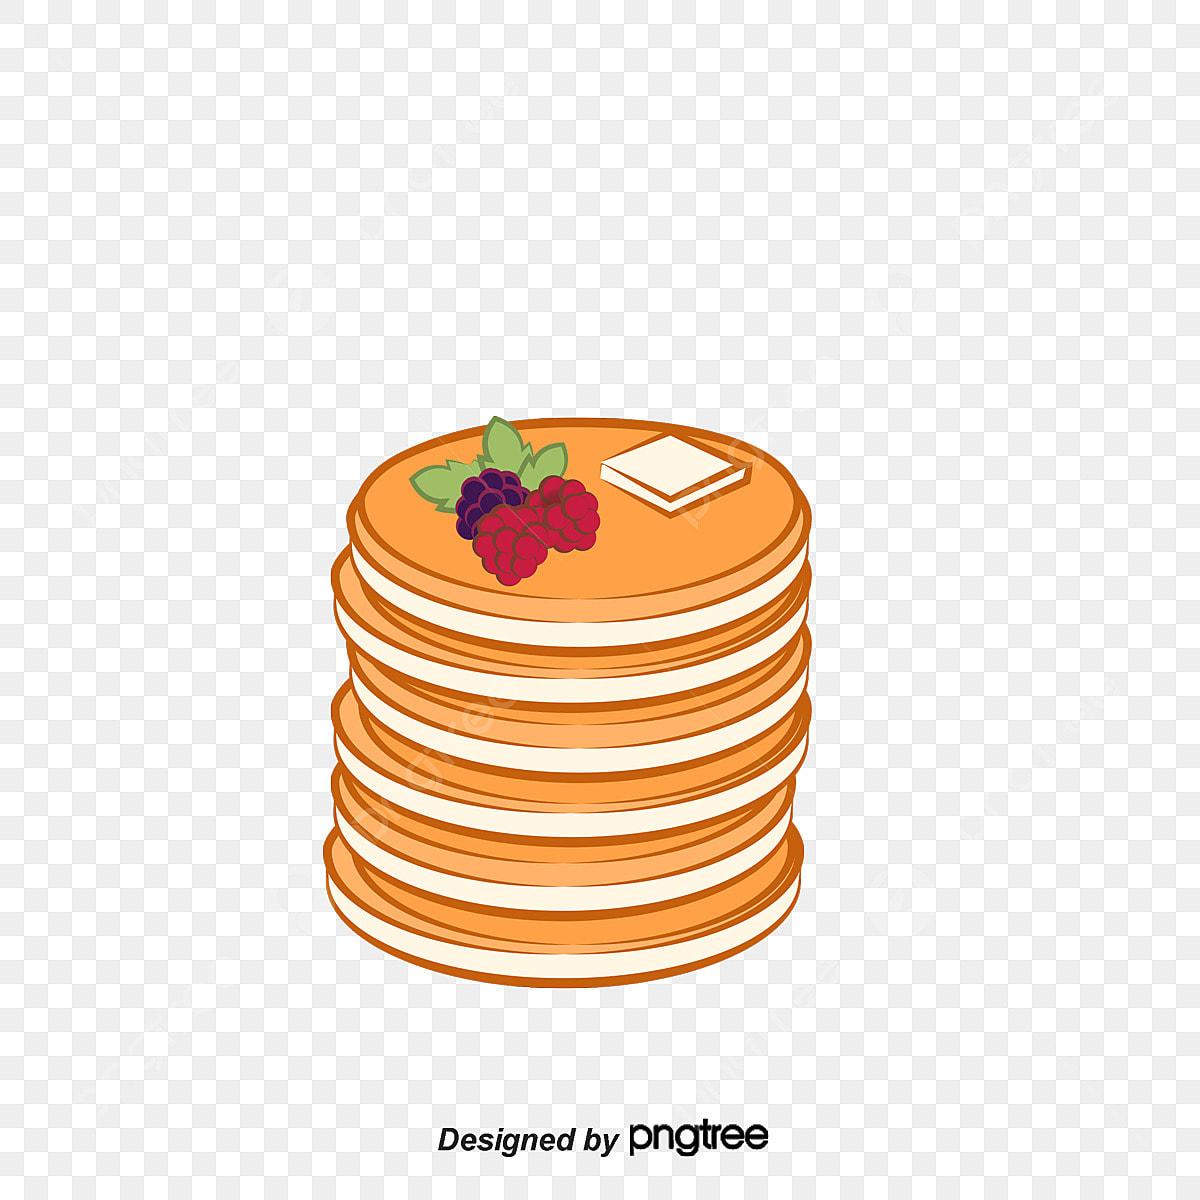 แพนเค้กโลโก้, ขนมอบ, เค้ก, ขนมปังภาพ PNG และ PSD สำหรับดาวน์โหลดฟรี